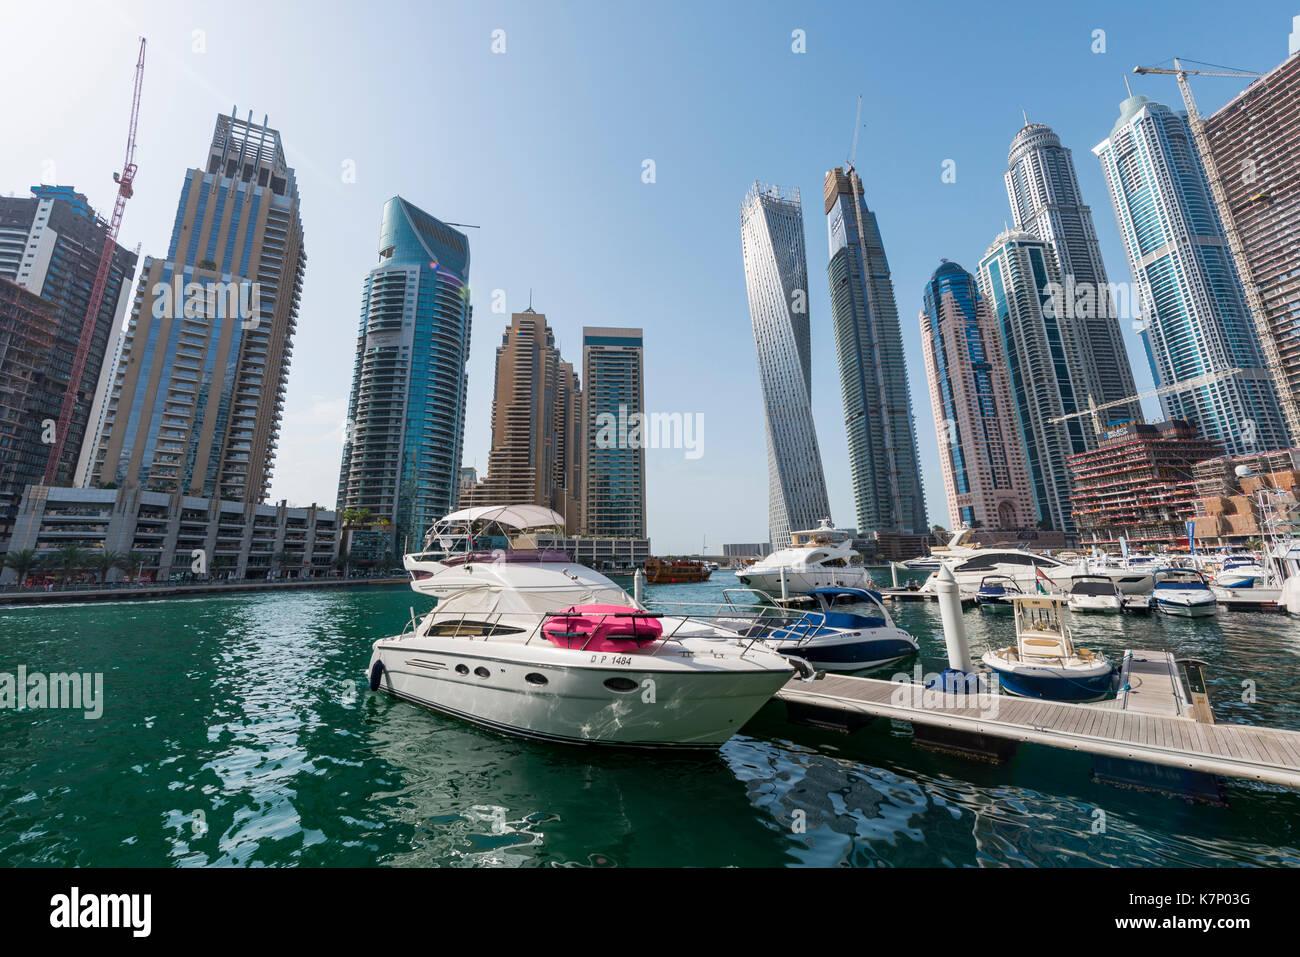 Marina vor der Wolkenkratzer, Dubai Marina, Dubai, Vereinigte Arabische Emirate Stockbild